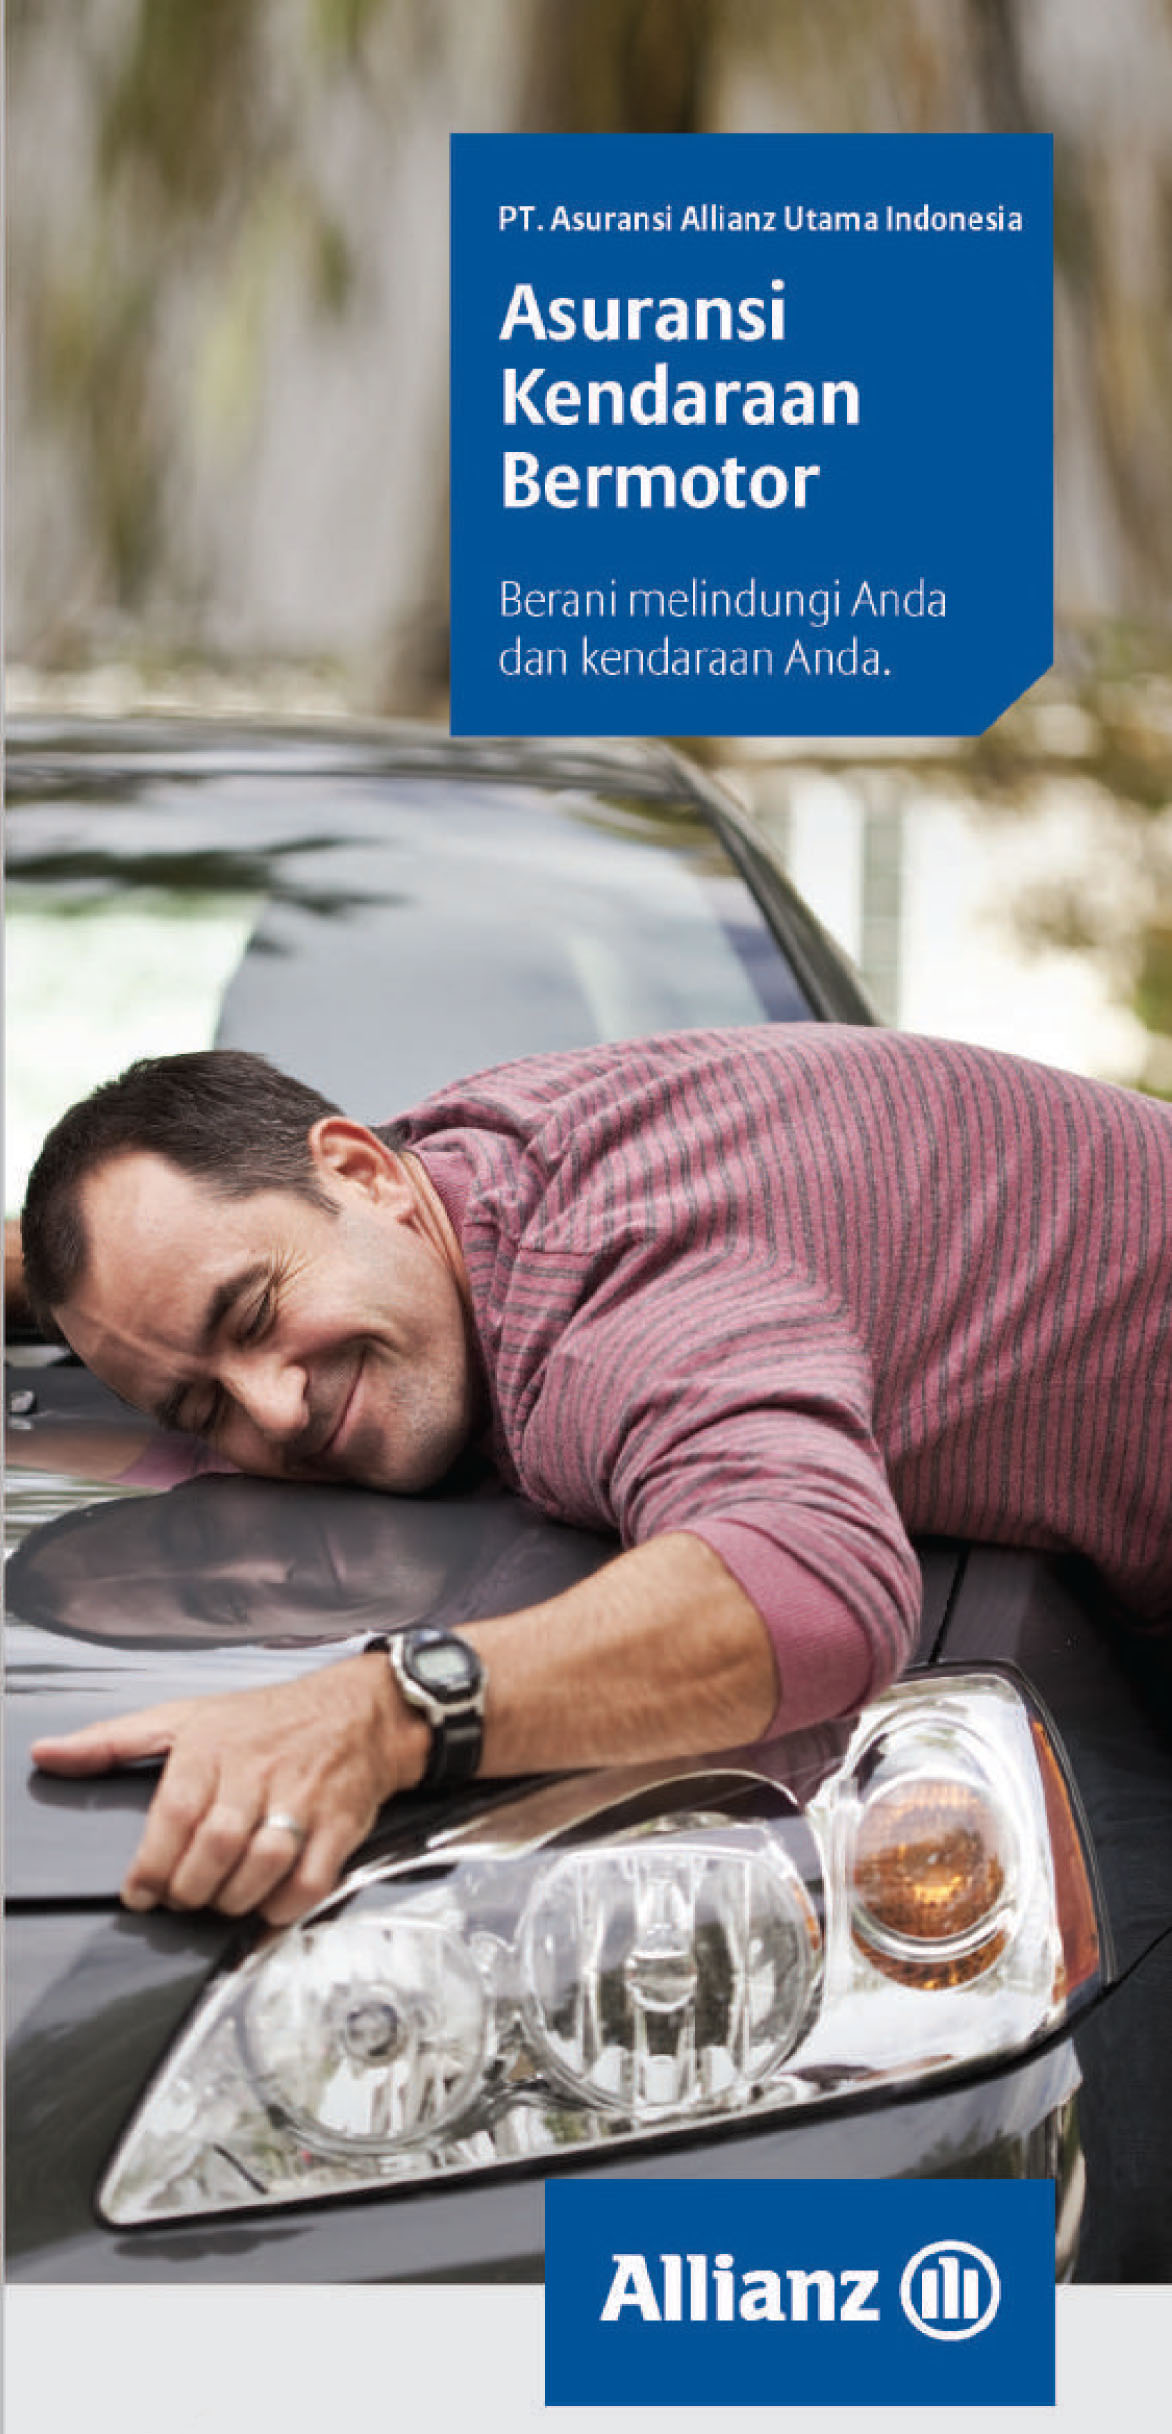 asuransi mobilku allianz